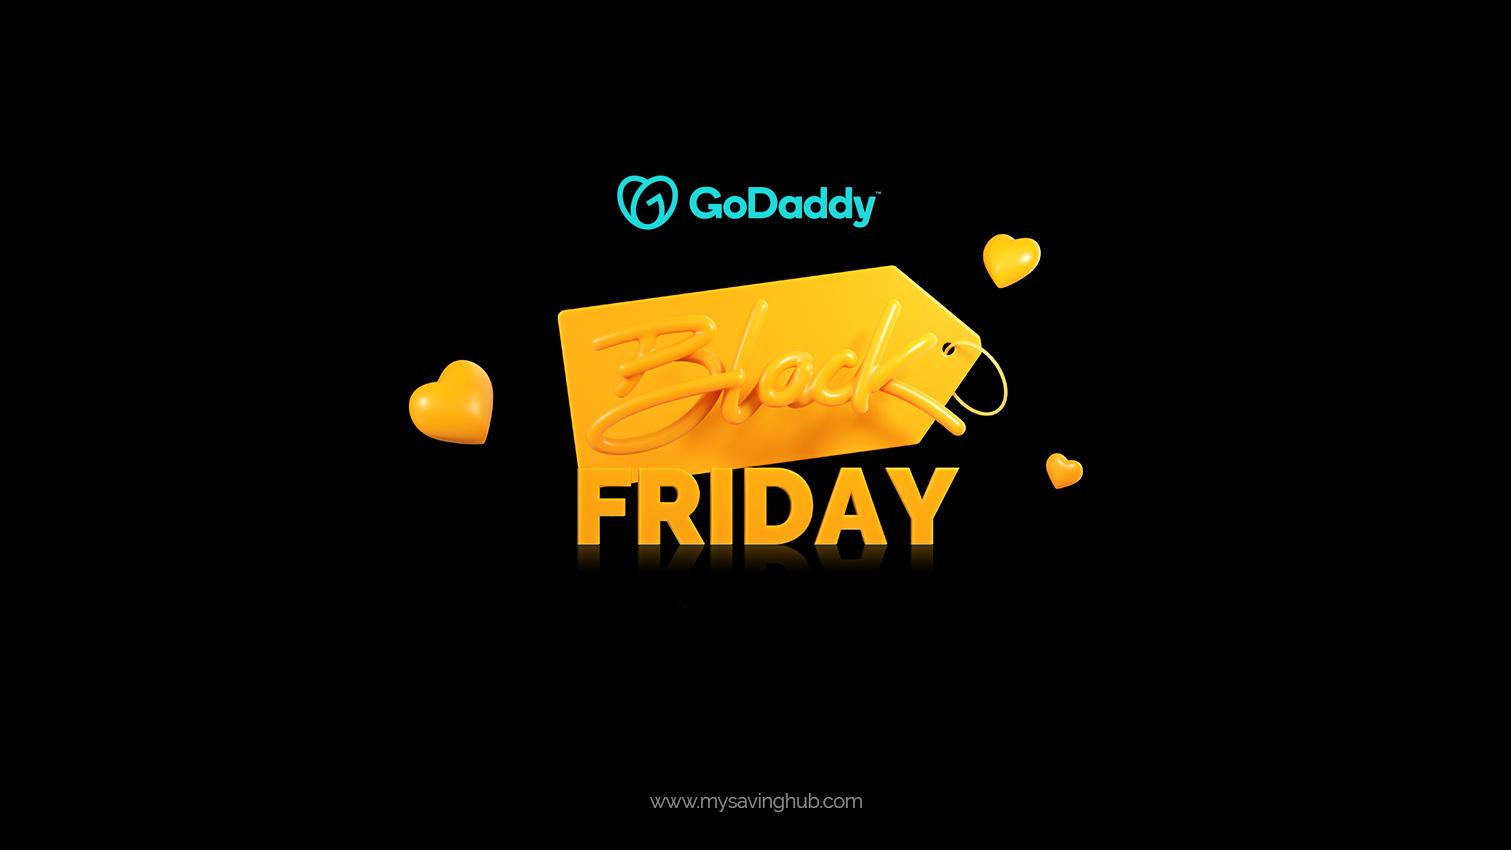 godaddy discount code black friday